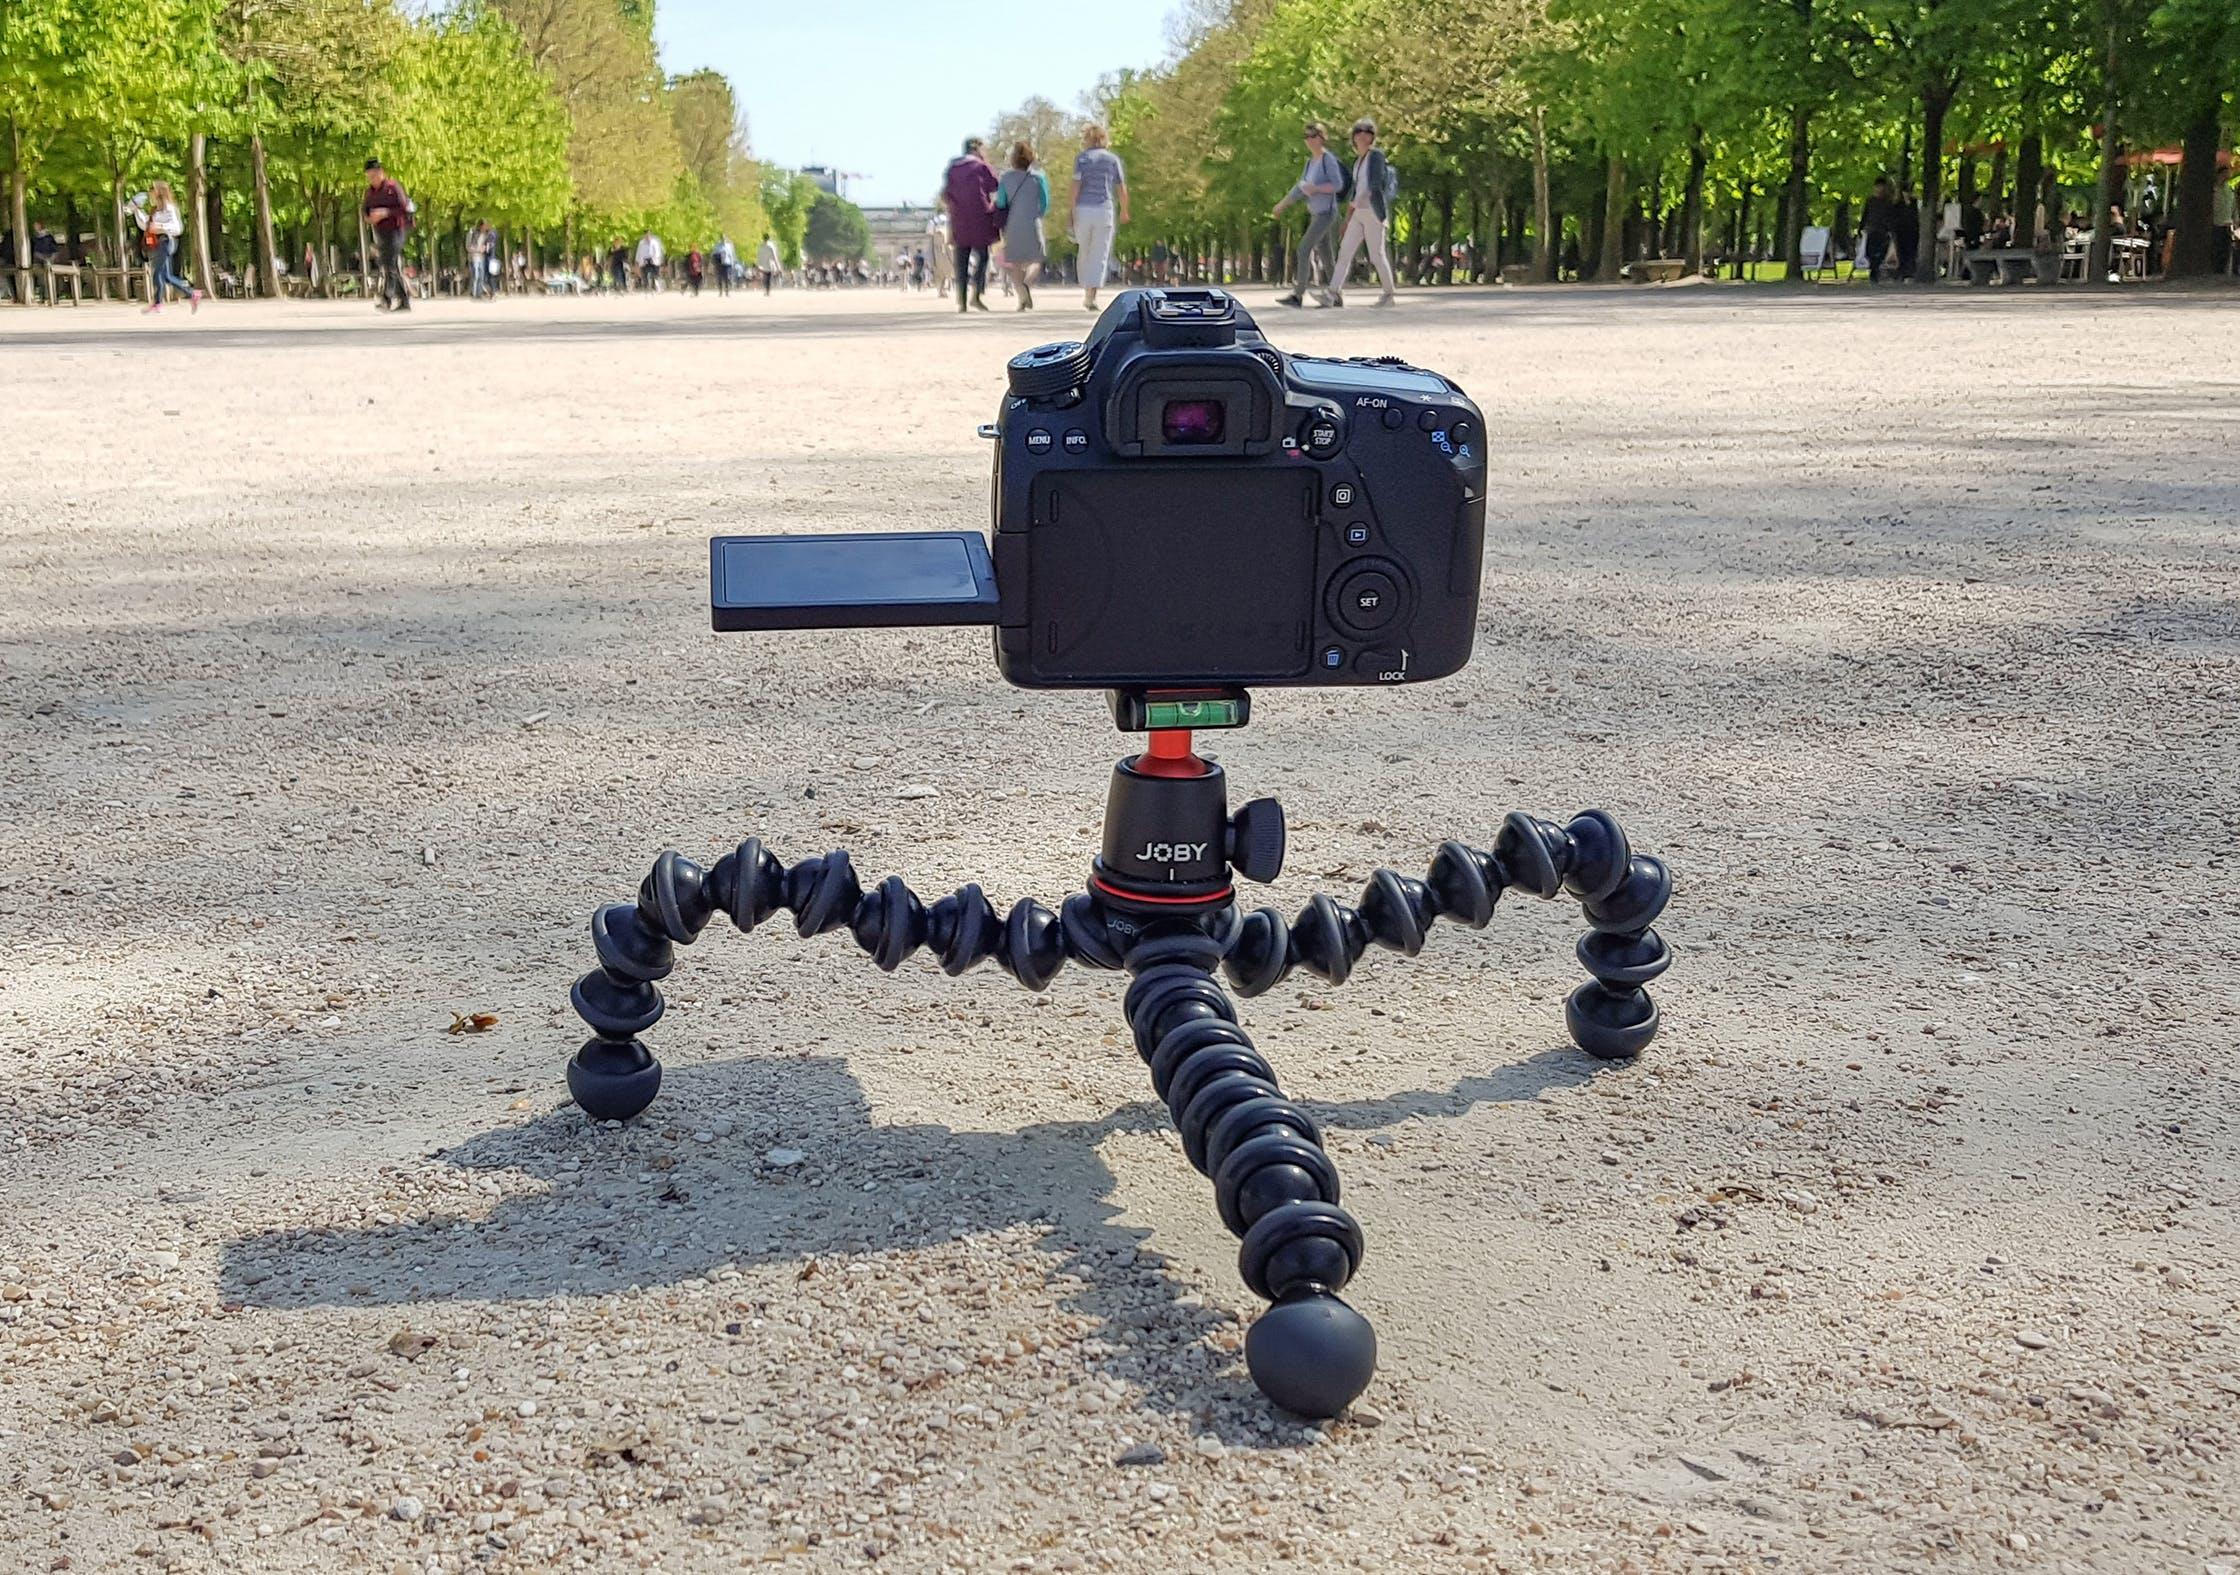 JOBY GorillaPod 3K In Tuileries Garden, Paris, France